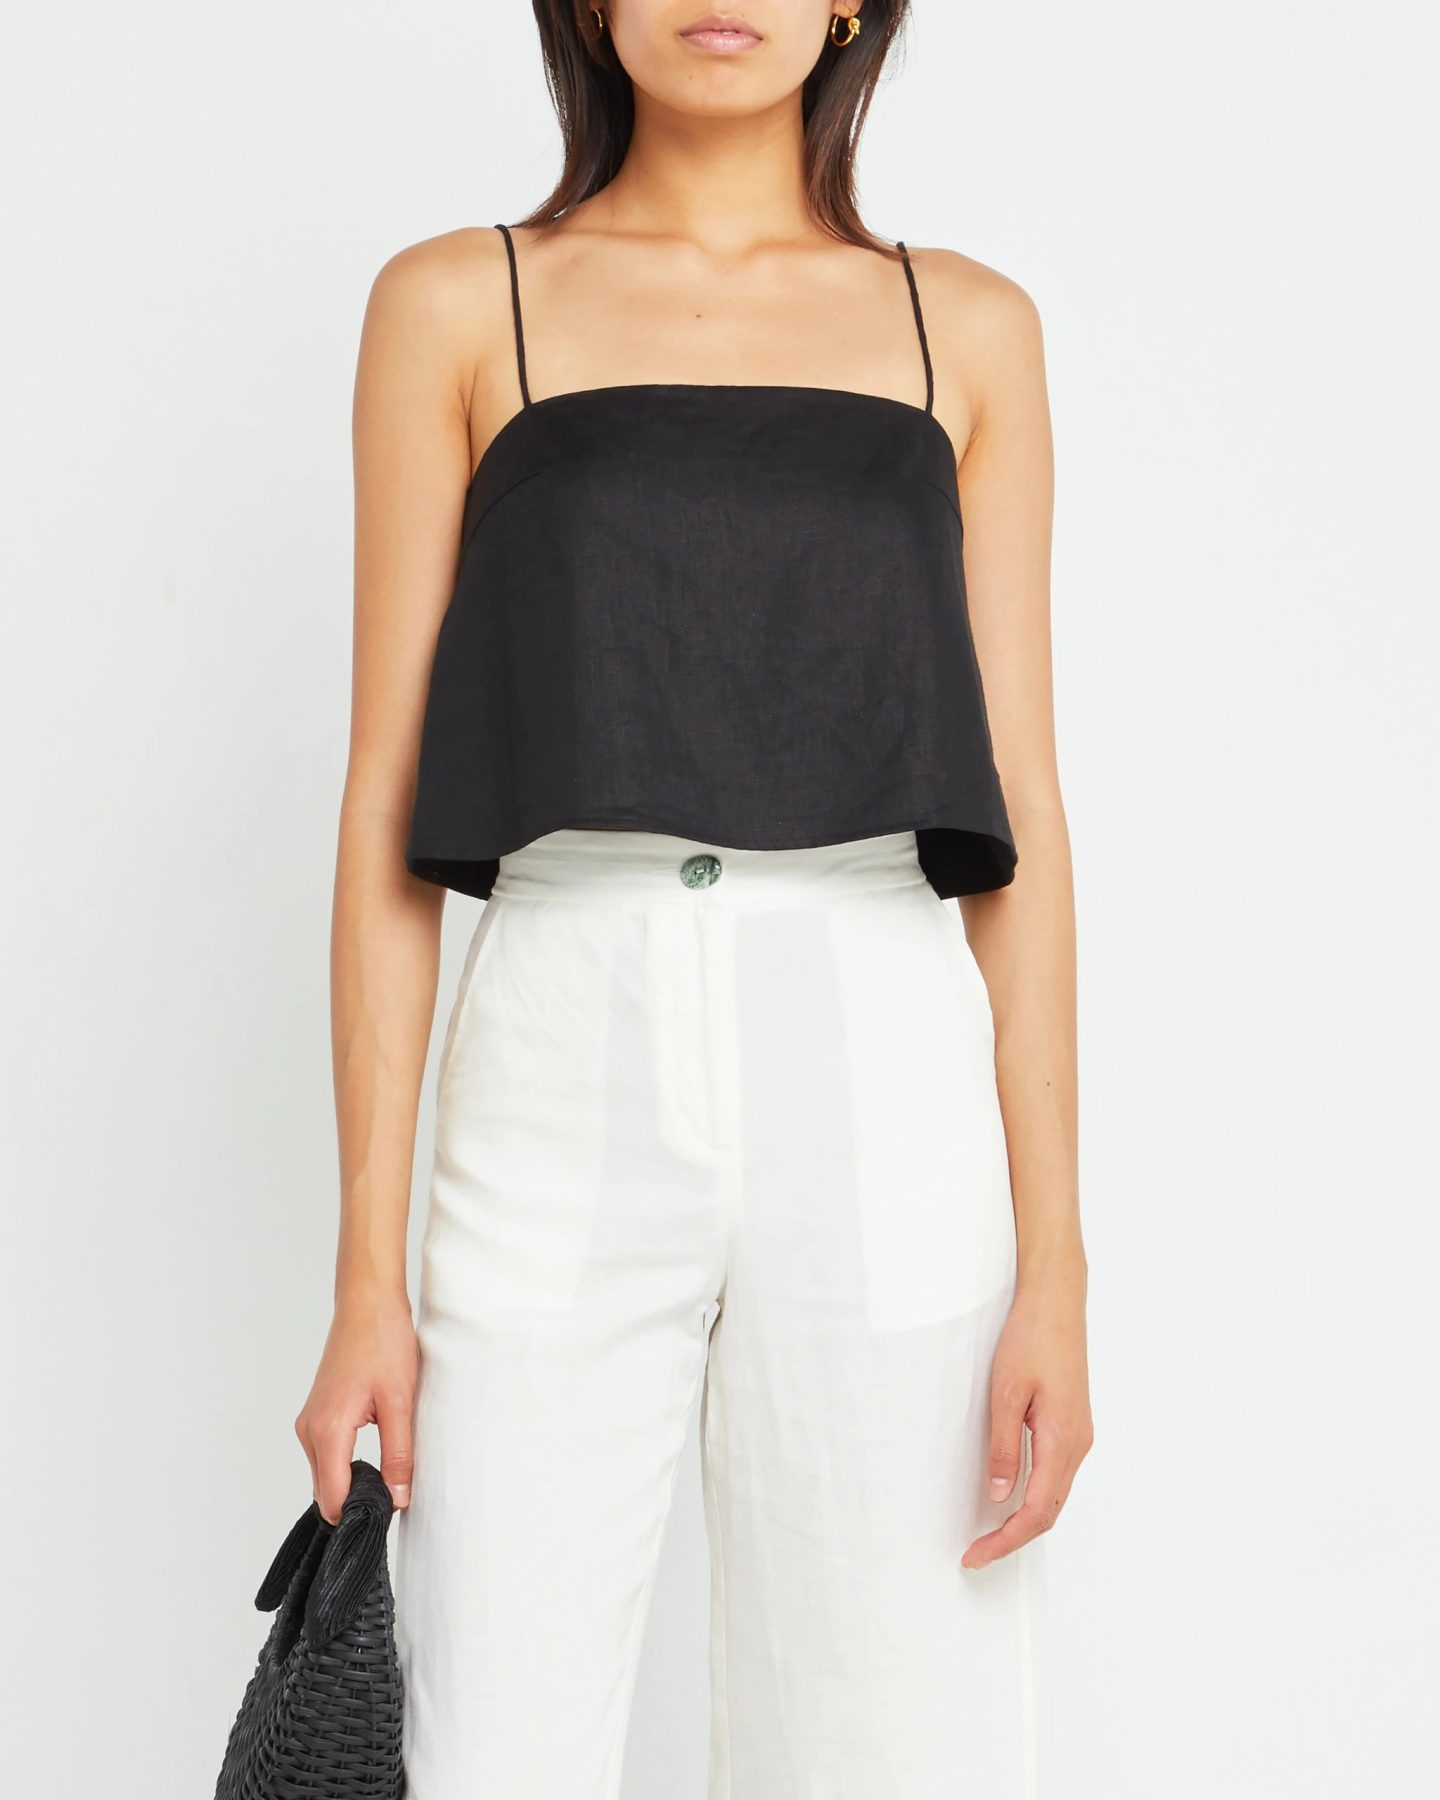 Black strappy crop top